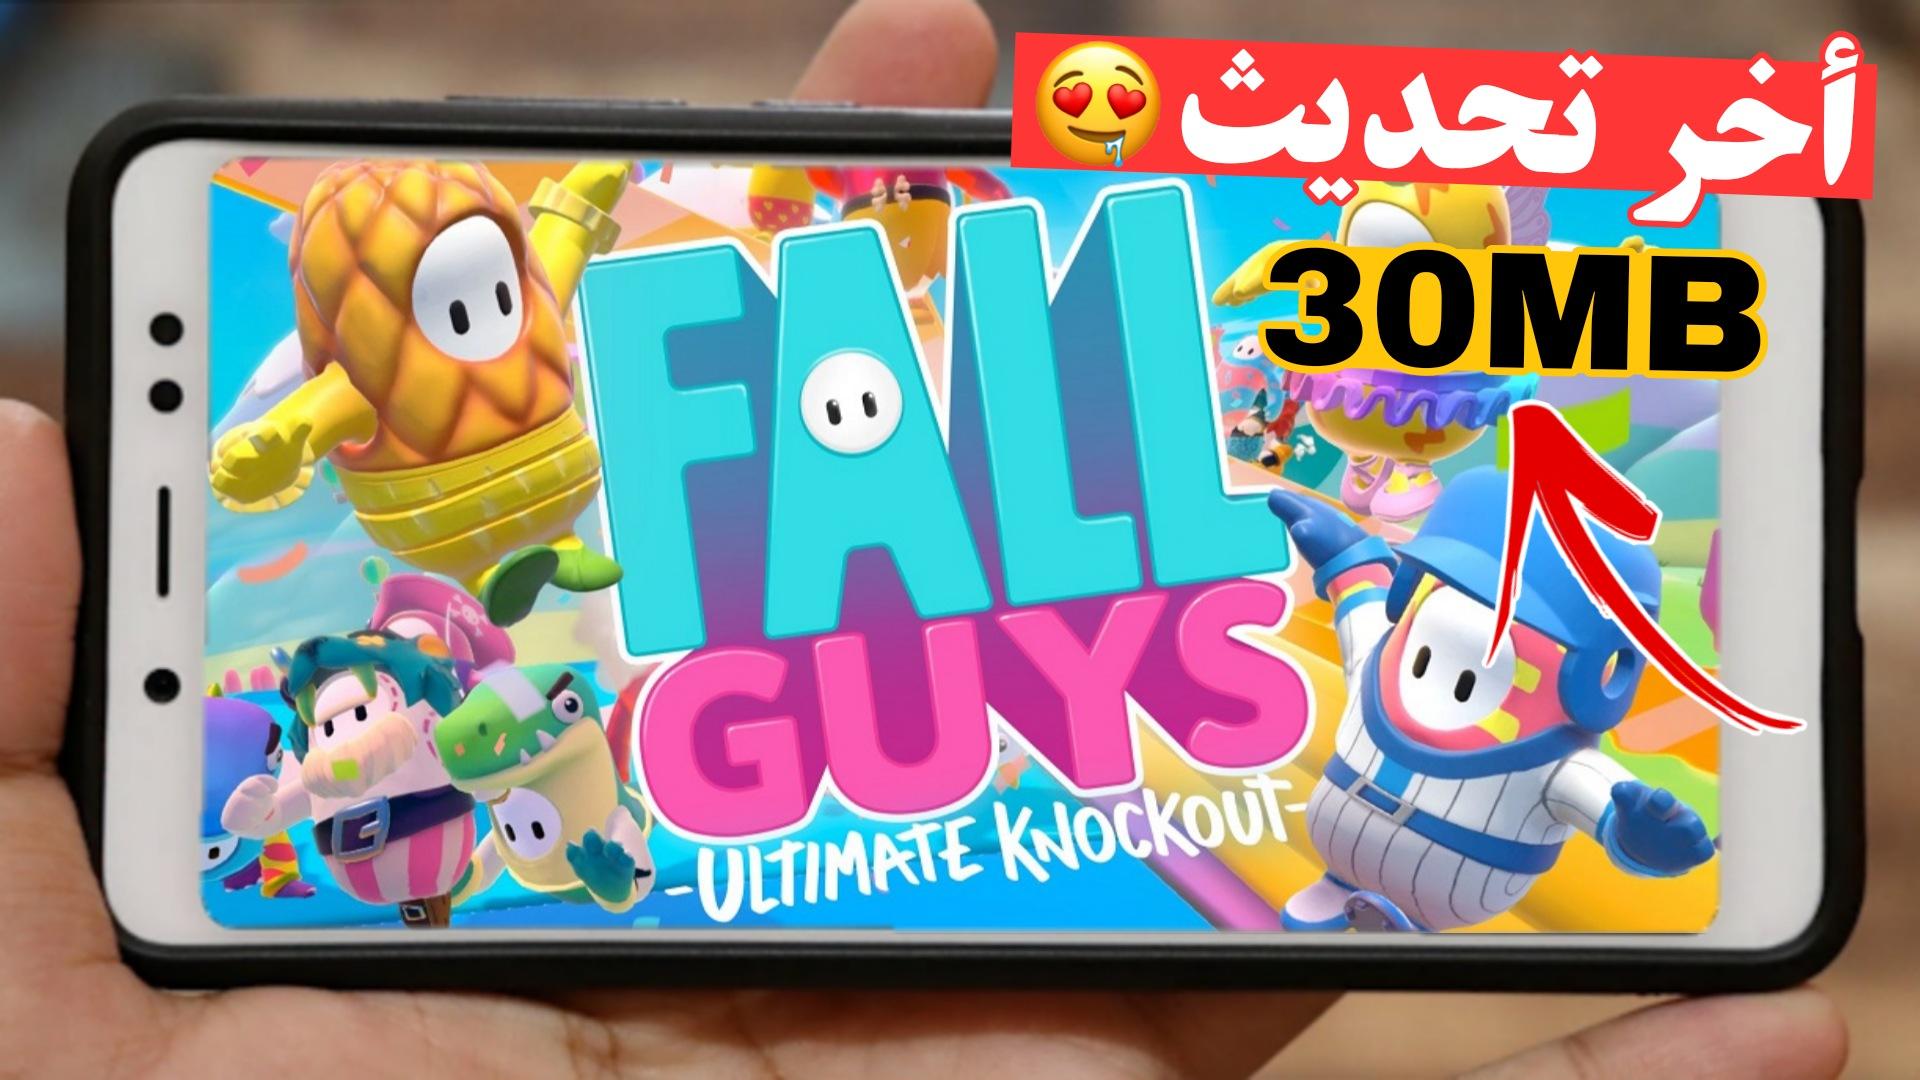 تحميل لعبة Fall Guys للجوال الأصلية لجميع الاجهزه أندرويد والايفون من ميديافاير | تحميل لعبة فول كايز